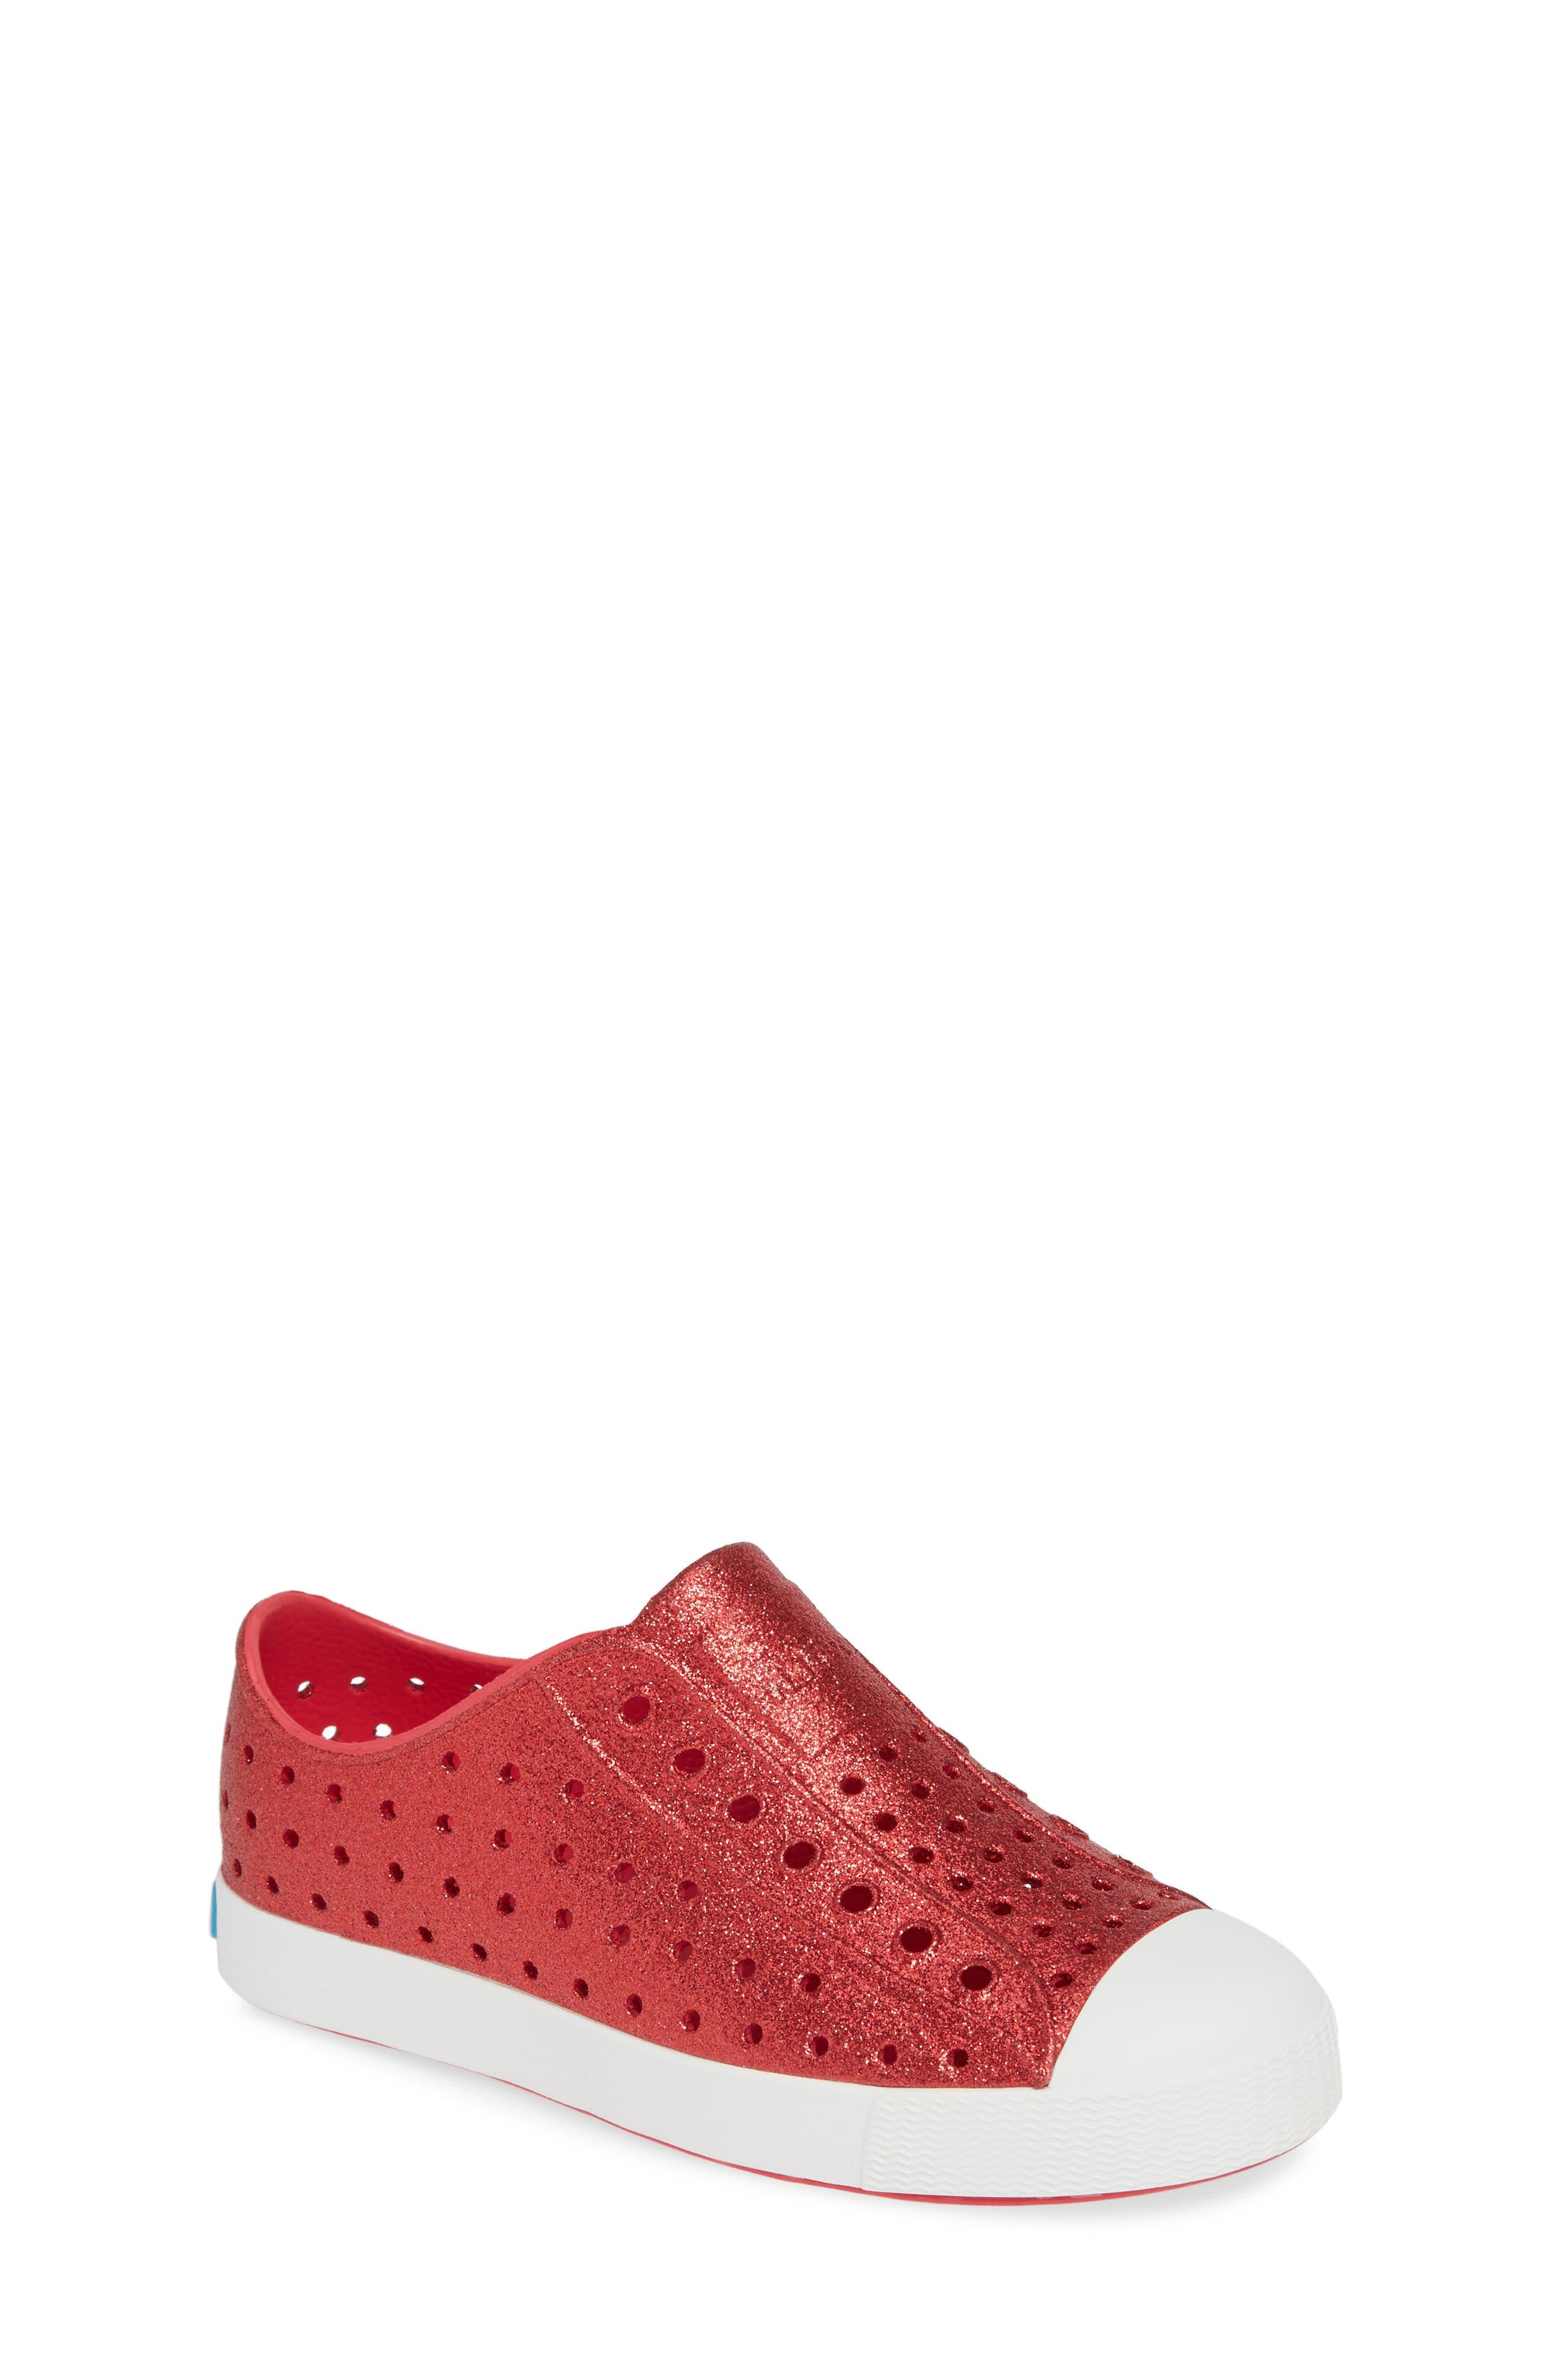 NATIVE SHOES Jefferson Bling Glitter Slip-On Vegan Sneaker, Main, color, SAKURA BLING/ SHELL WHITE